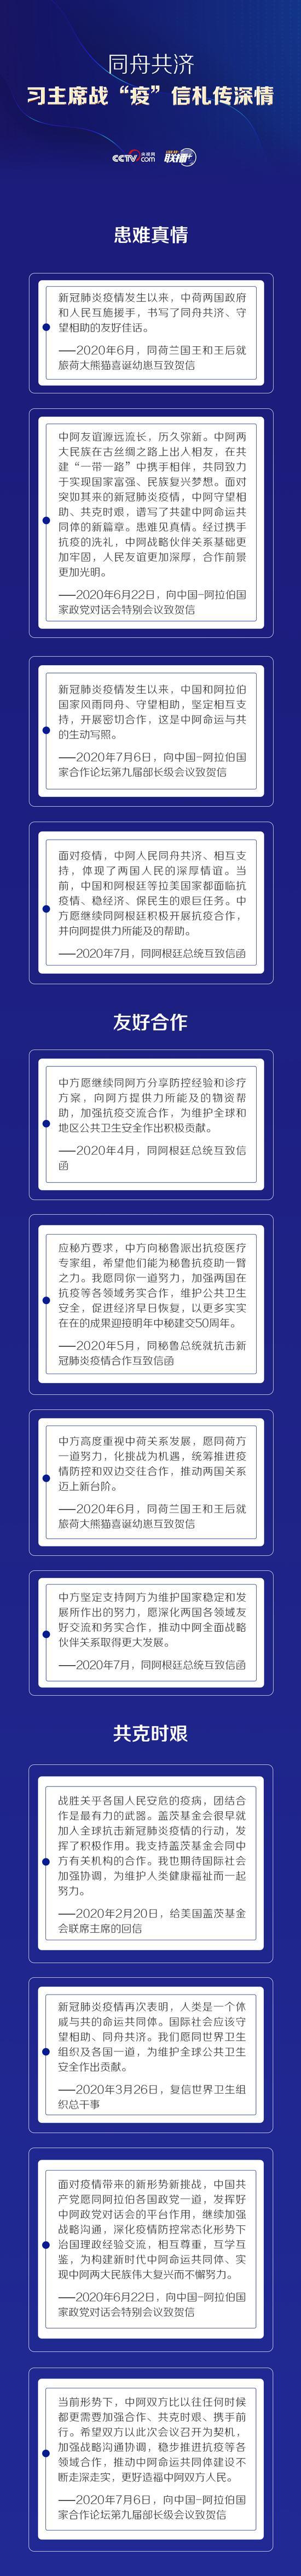 [赢咖3注册]近平战疫信札传深情赢咖3注册图片